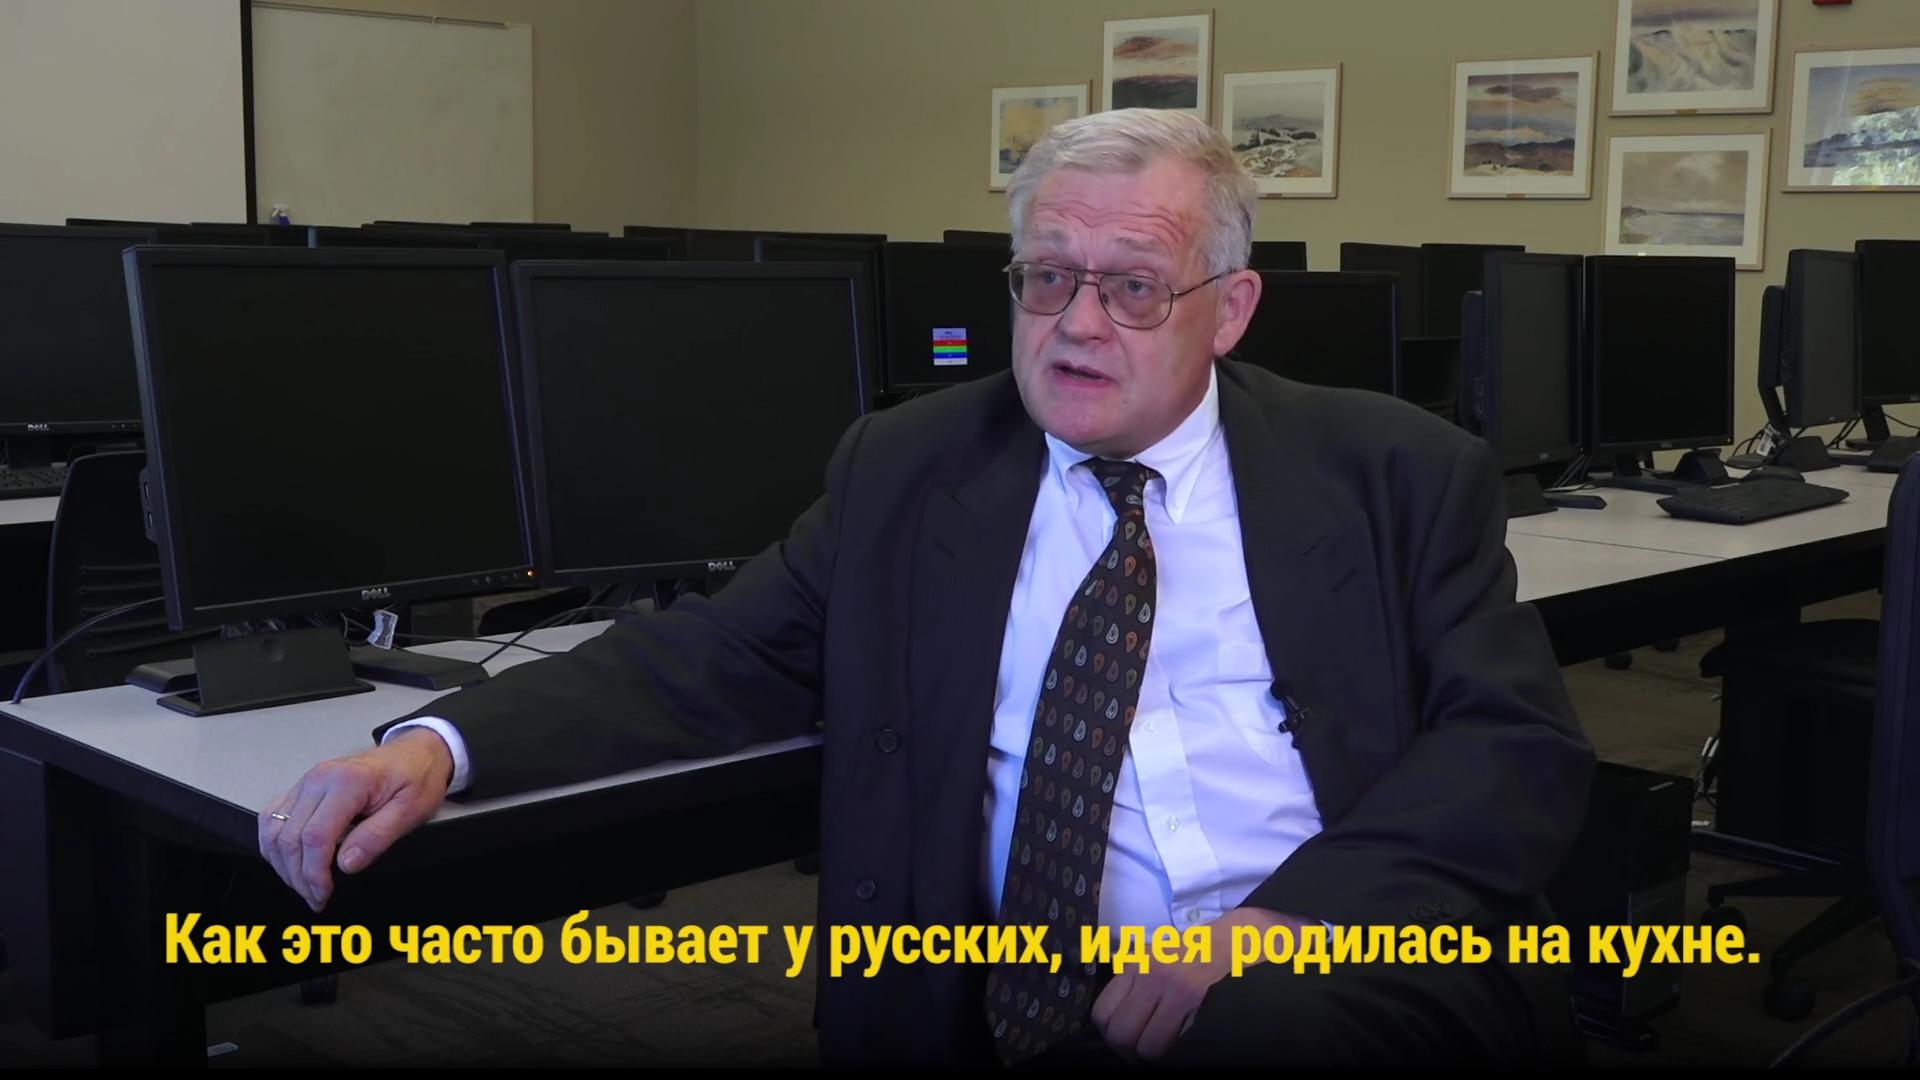 03-20180921-Вермонт читает Солженицына[(001092)2018-09-23-14-36-59]